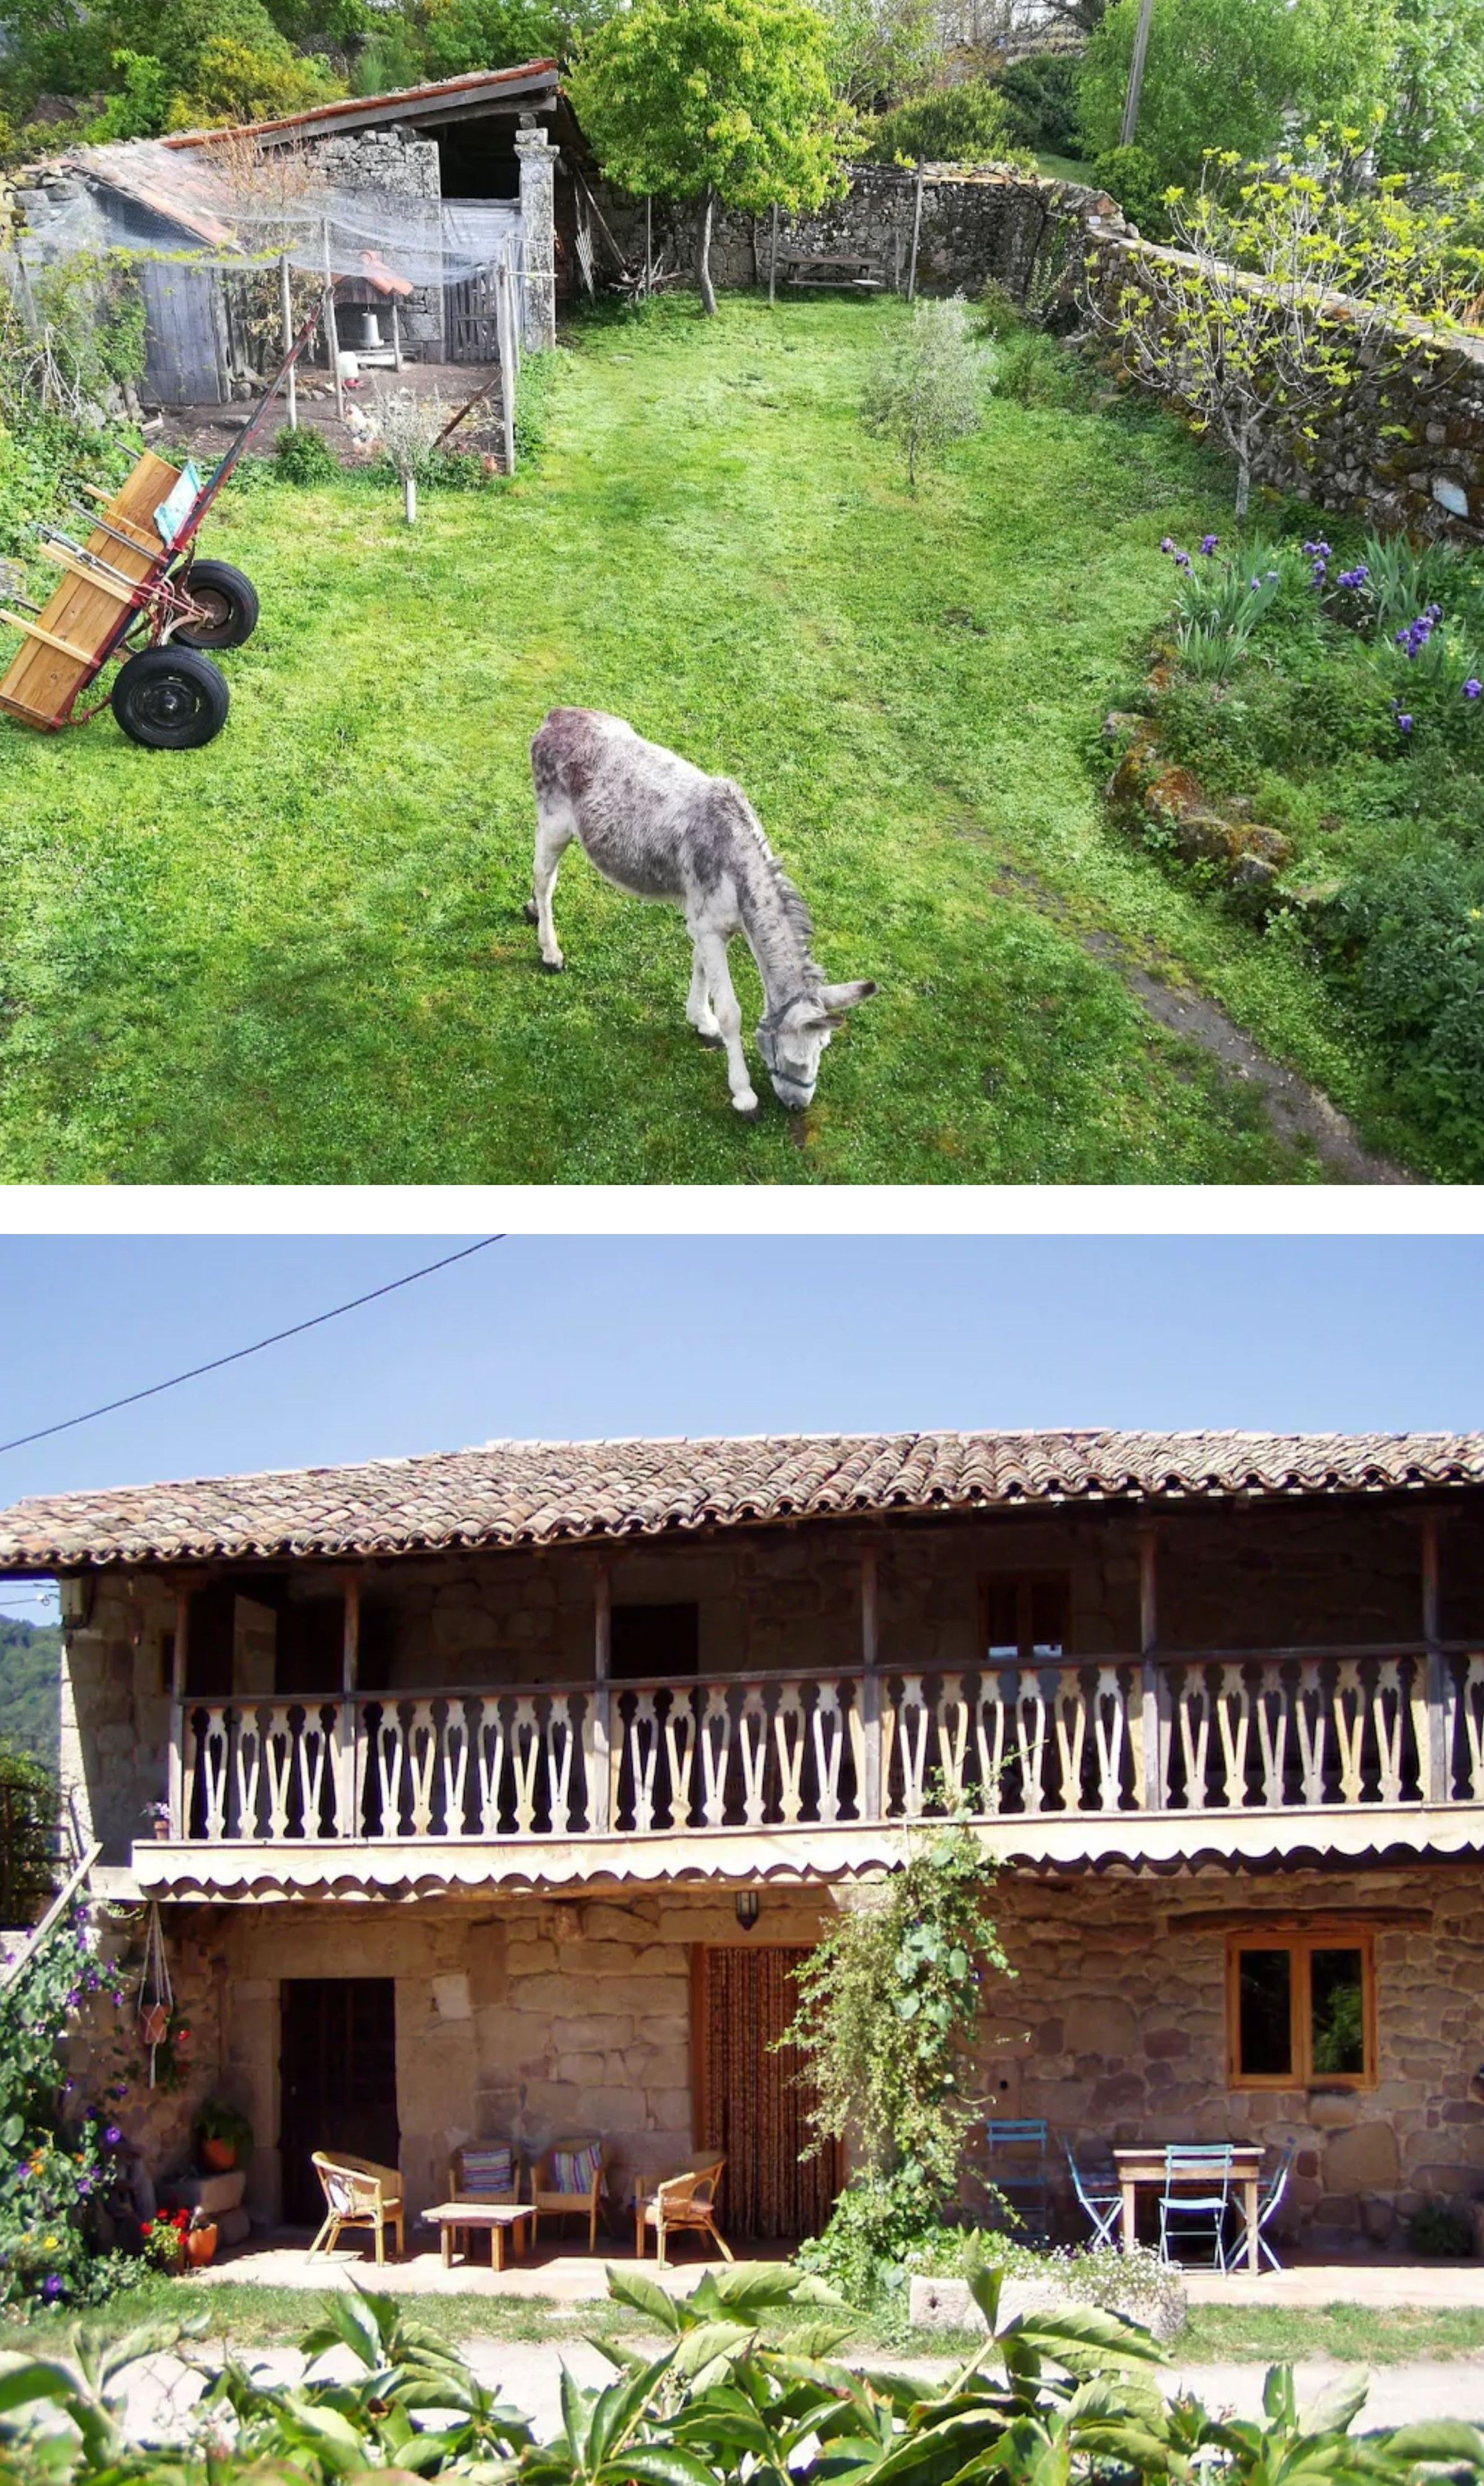 Ourense Casa Con Animales De Granja En La Ribeira Sacra O Cañones Del Sil Termas Al Aire Libre Casas Rurales Rurales Aire Libre